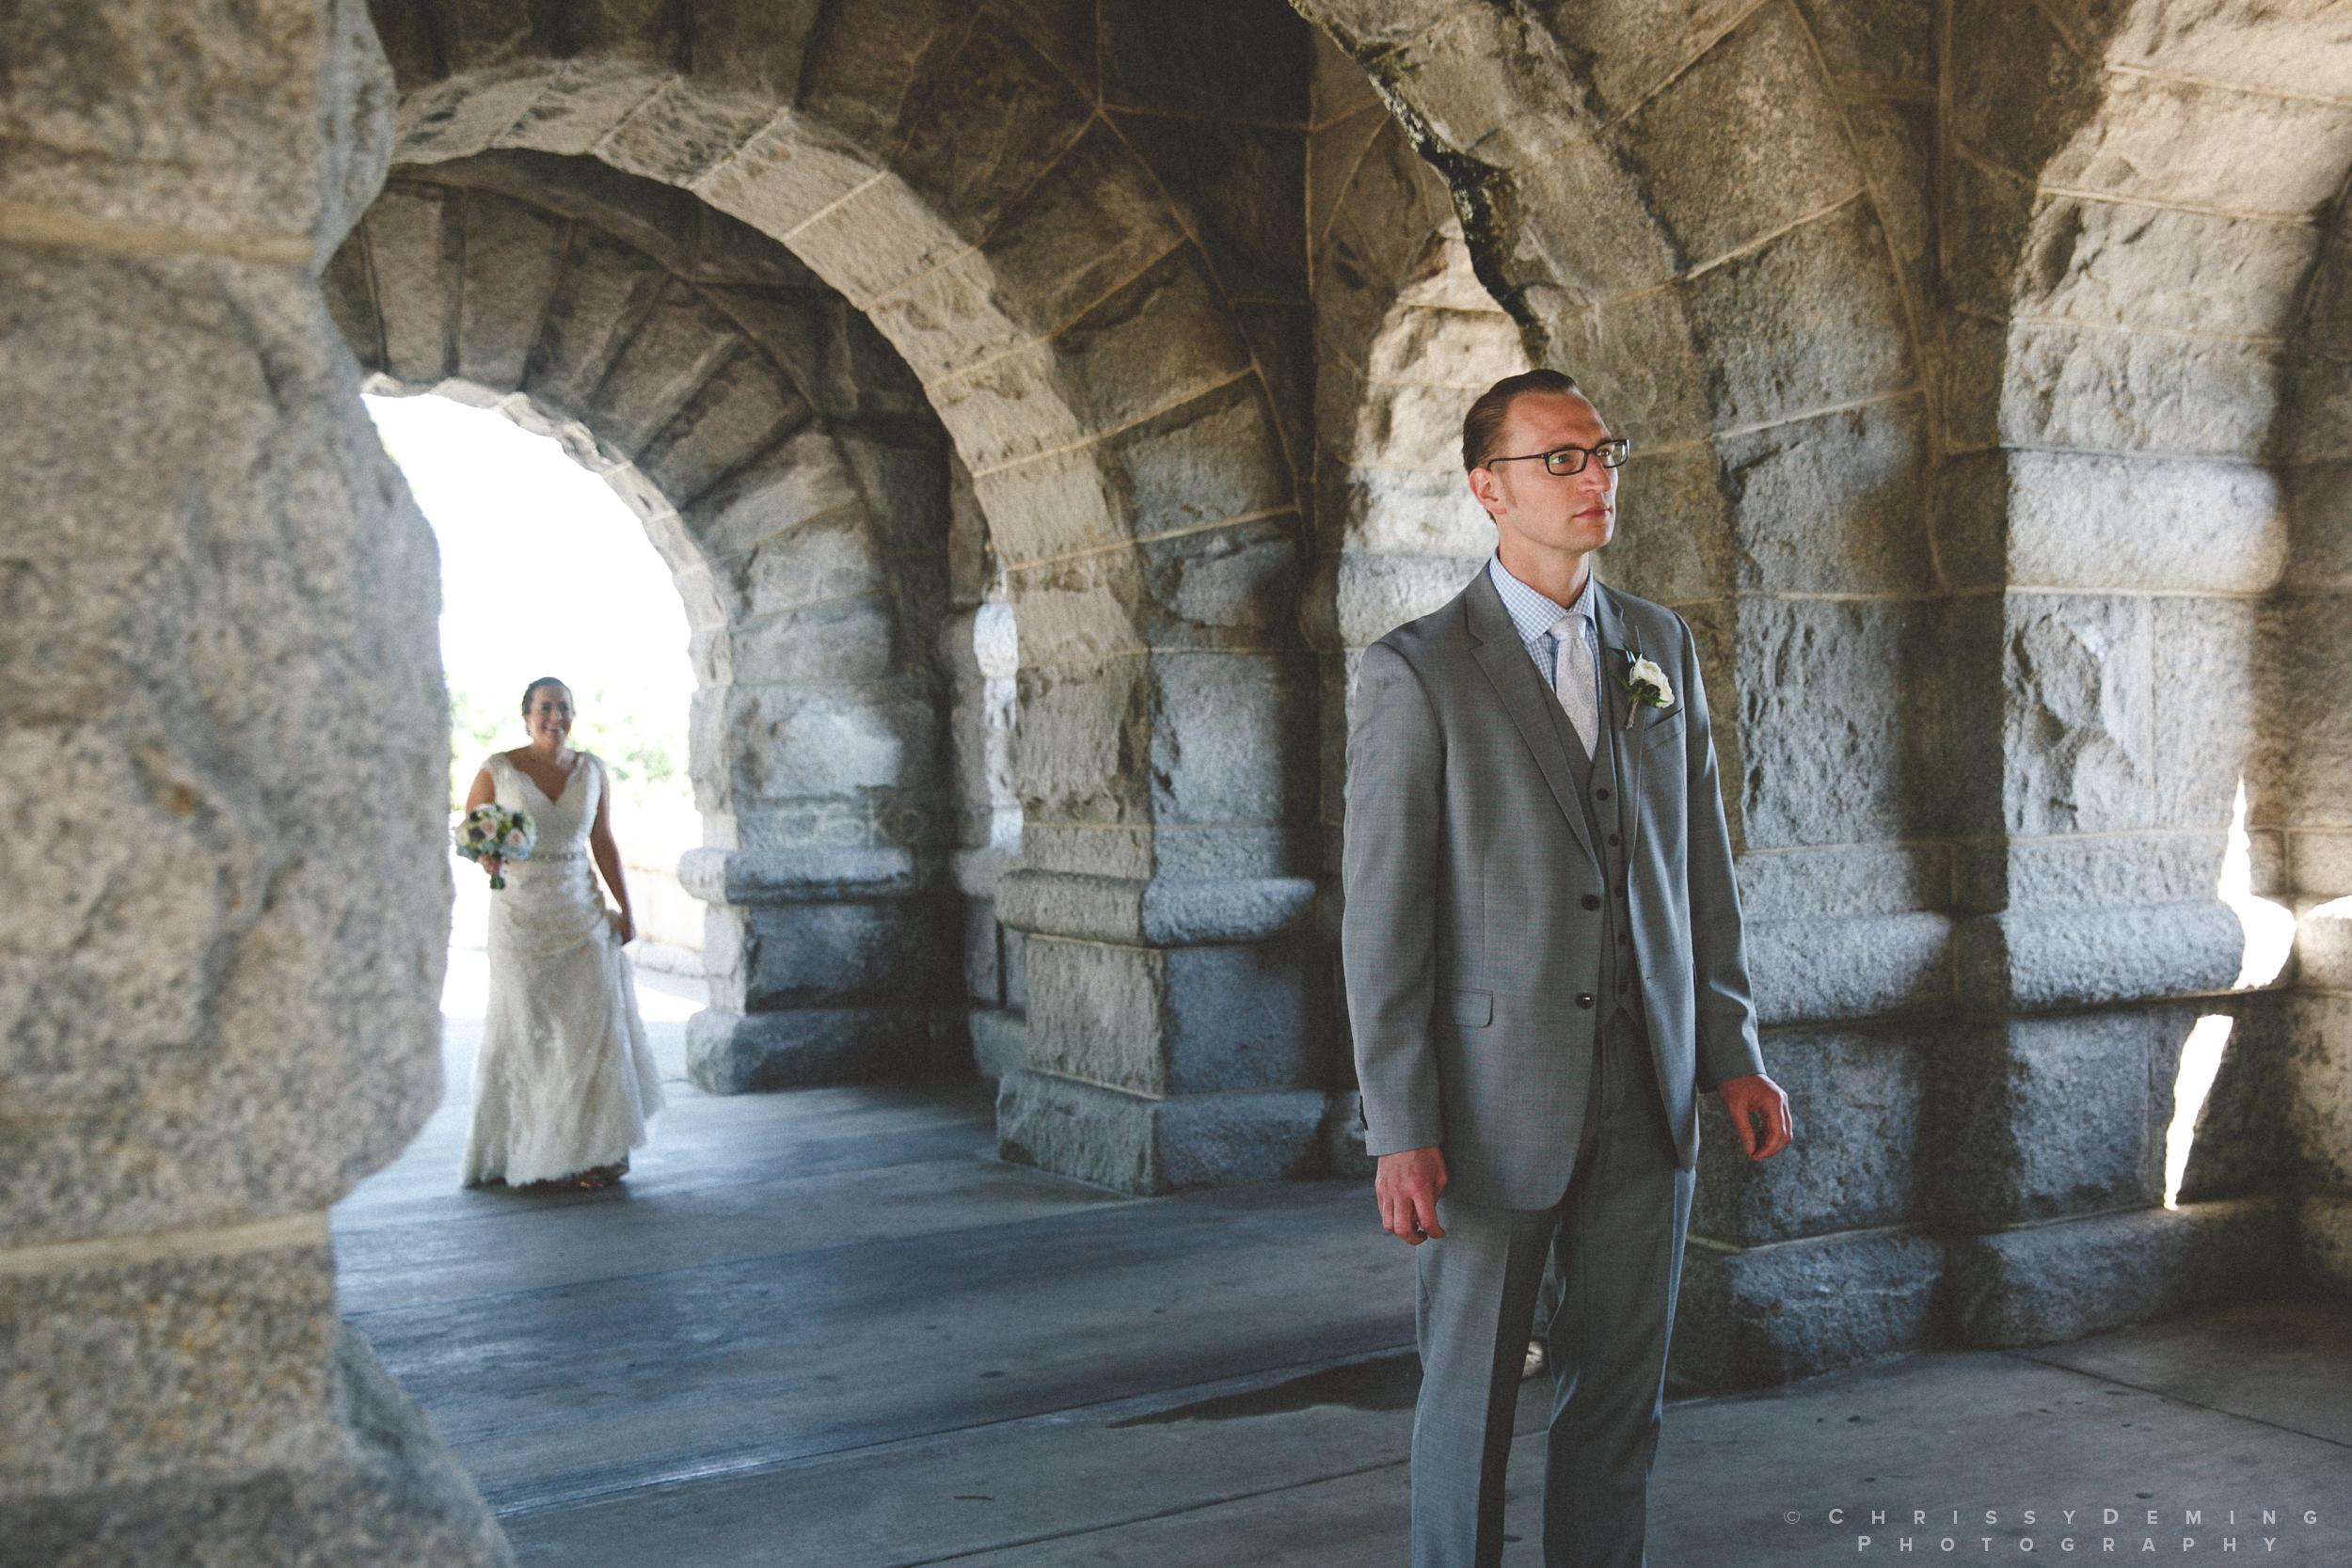 salvatores_chicago_ wedding_photographer_0012.jpg